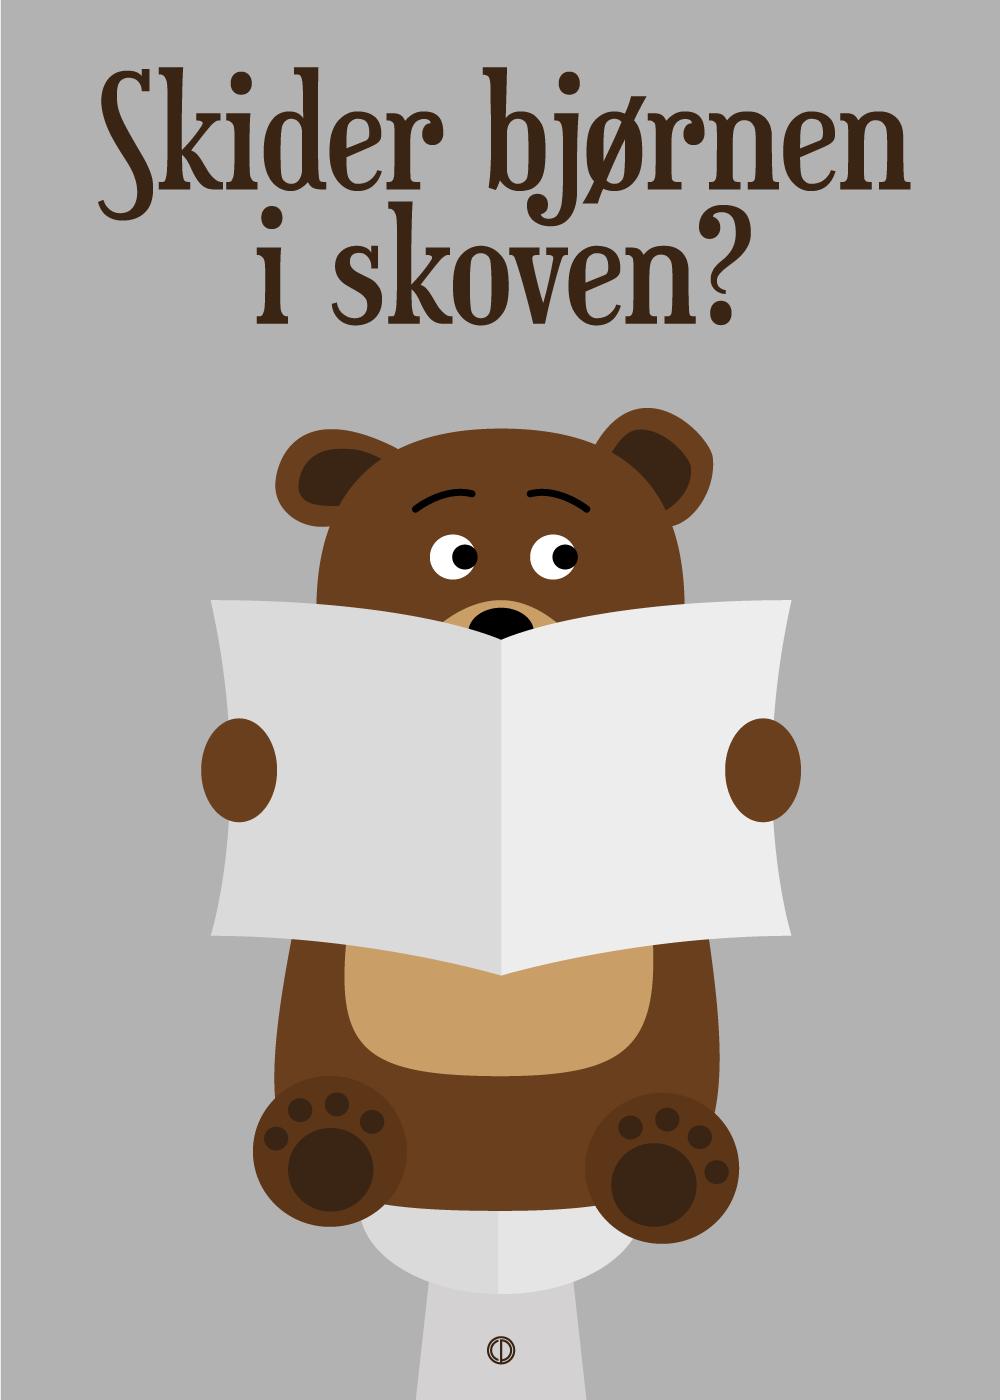 Køb Skider bjørnen i skoven?